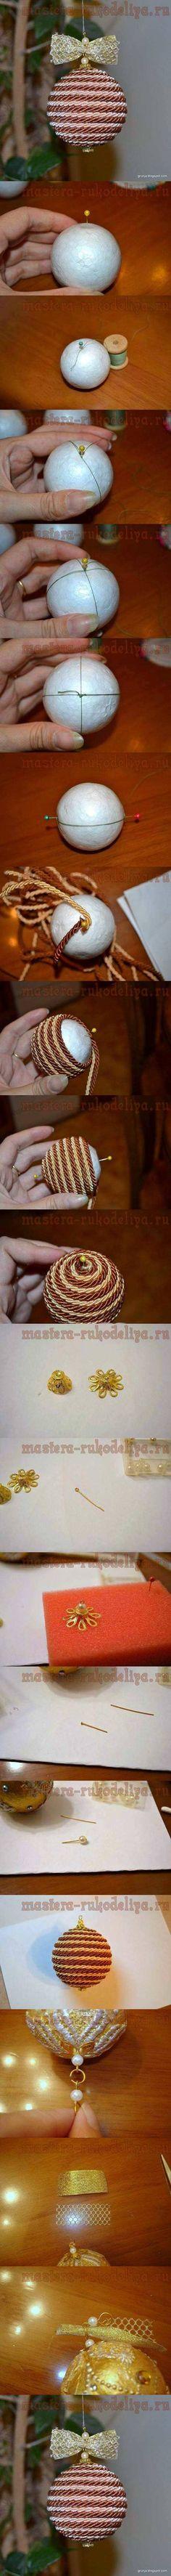 DIY Ball of String